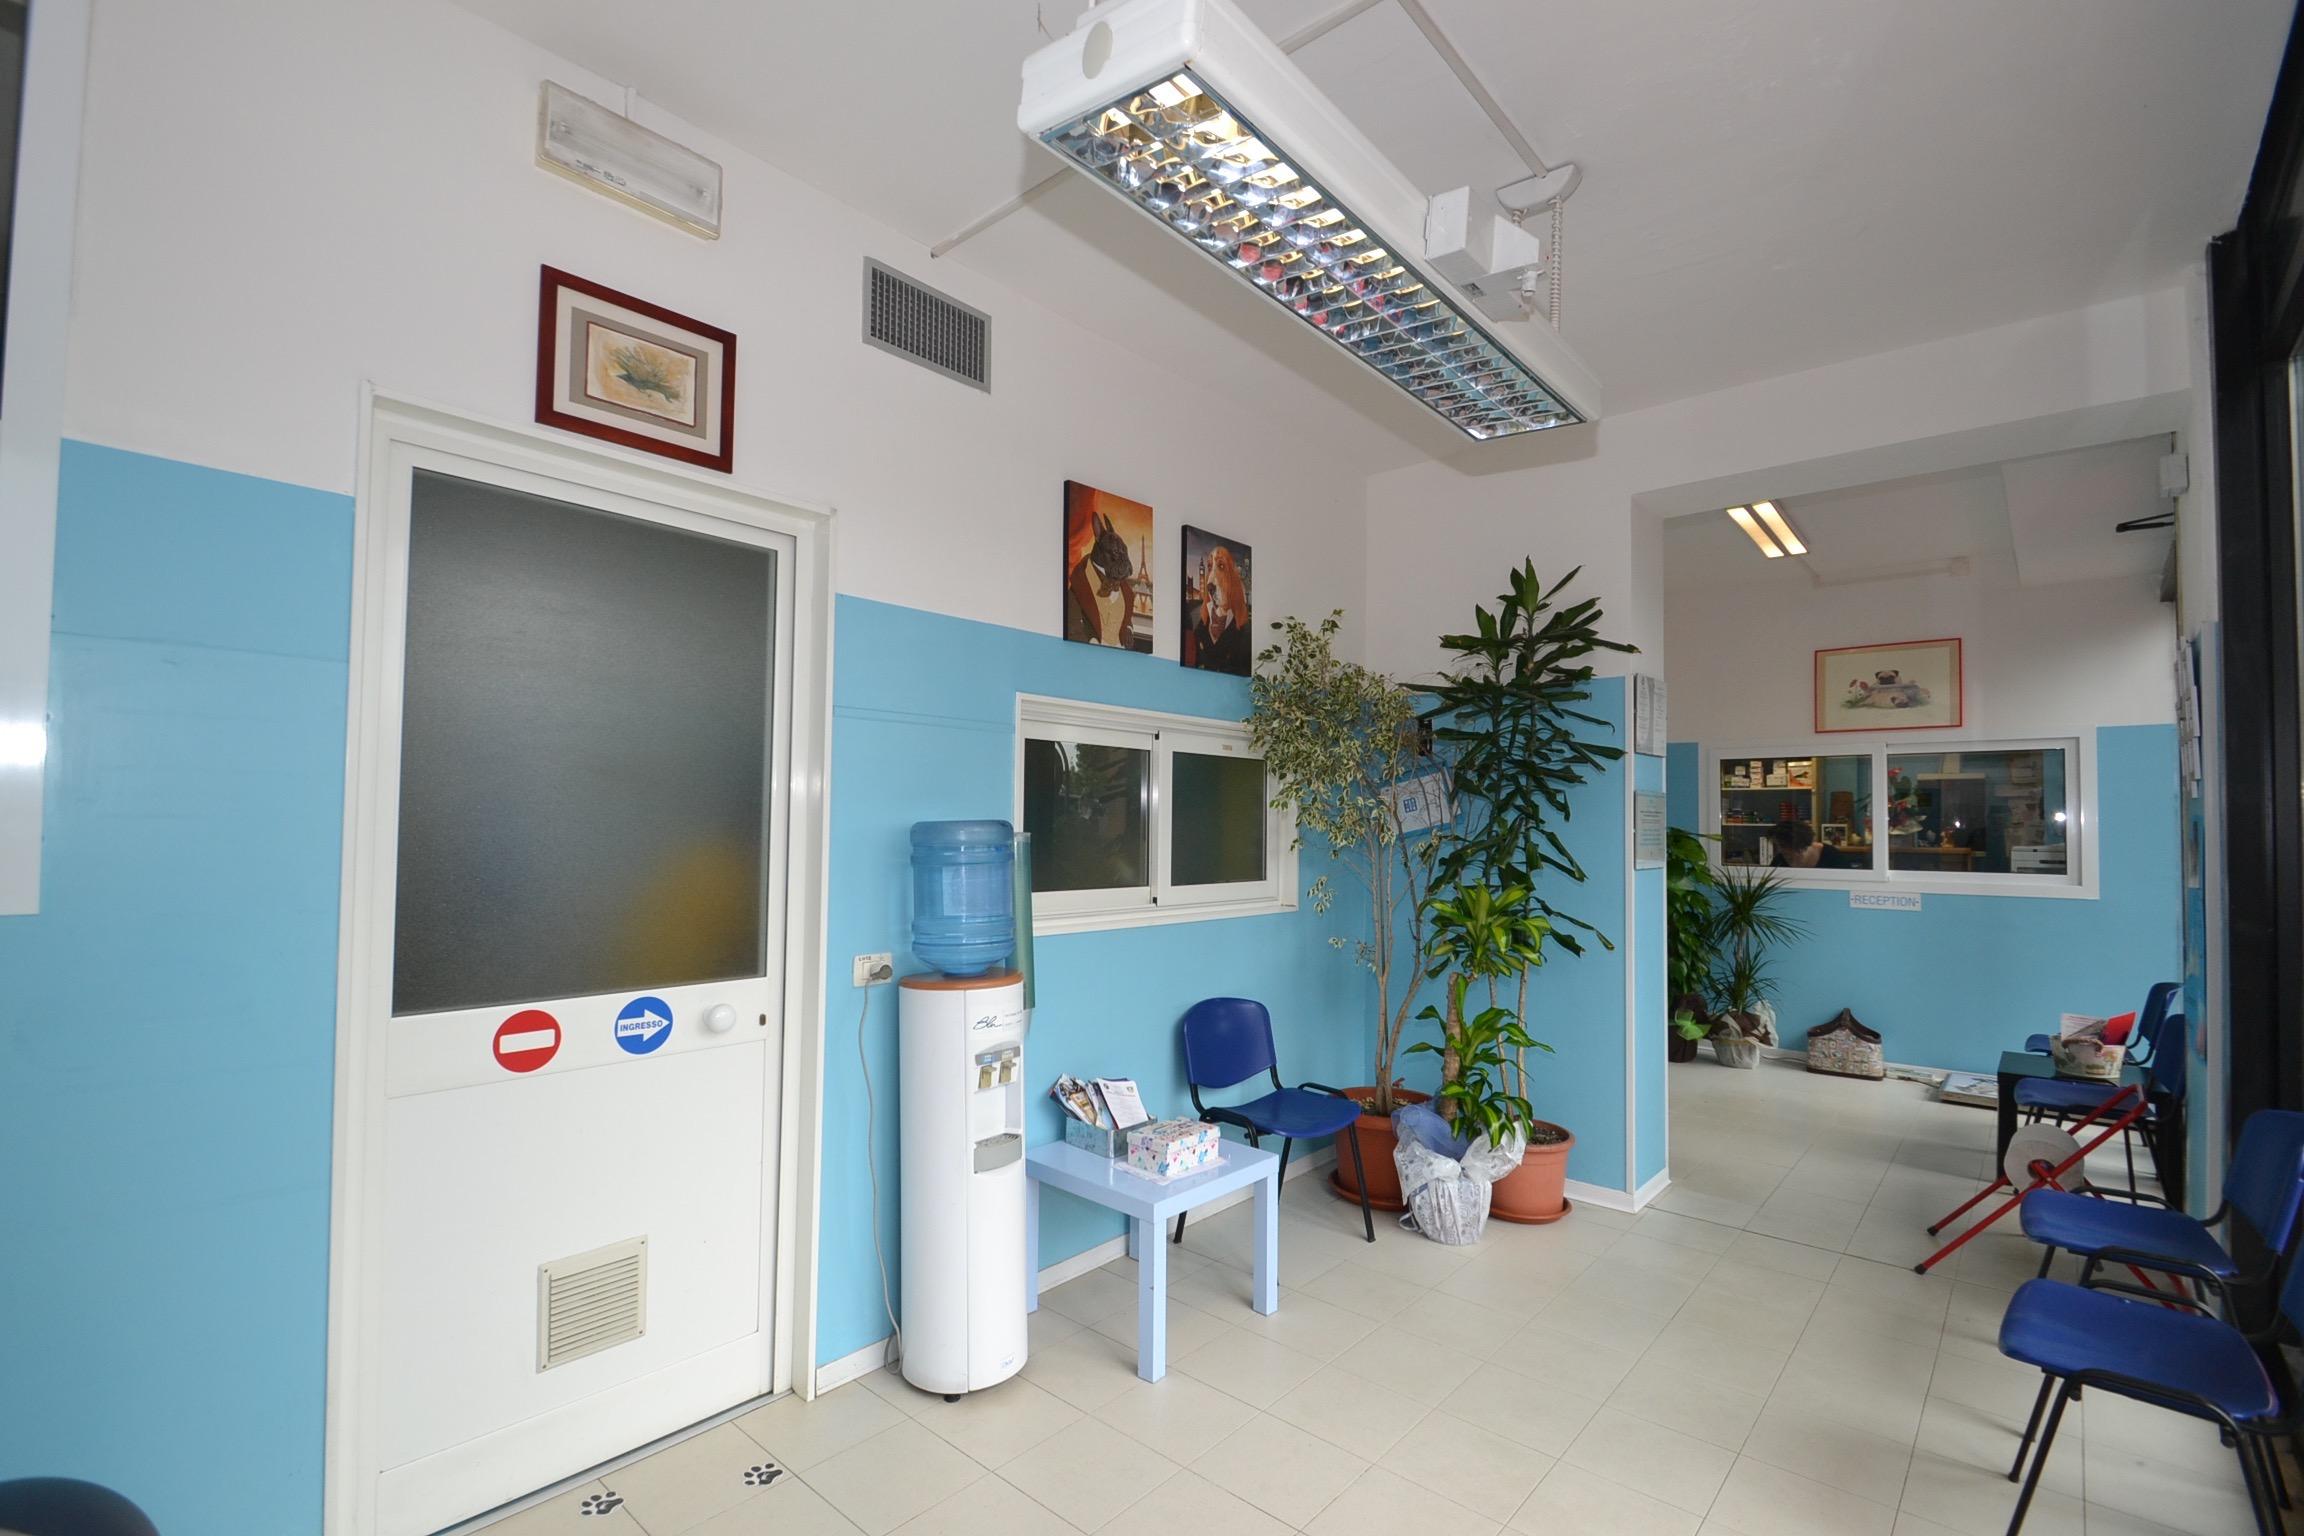 Orari Clinica Veterinaria Melosi